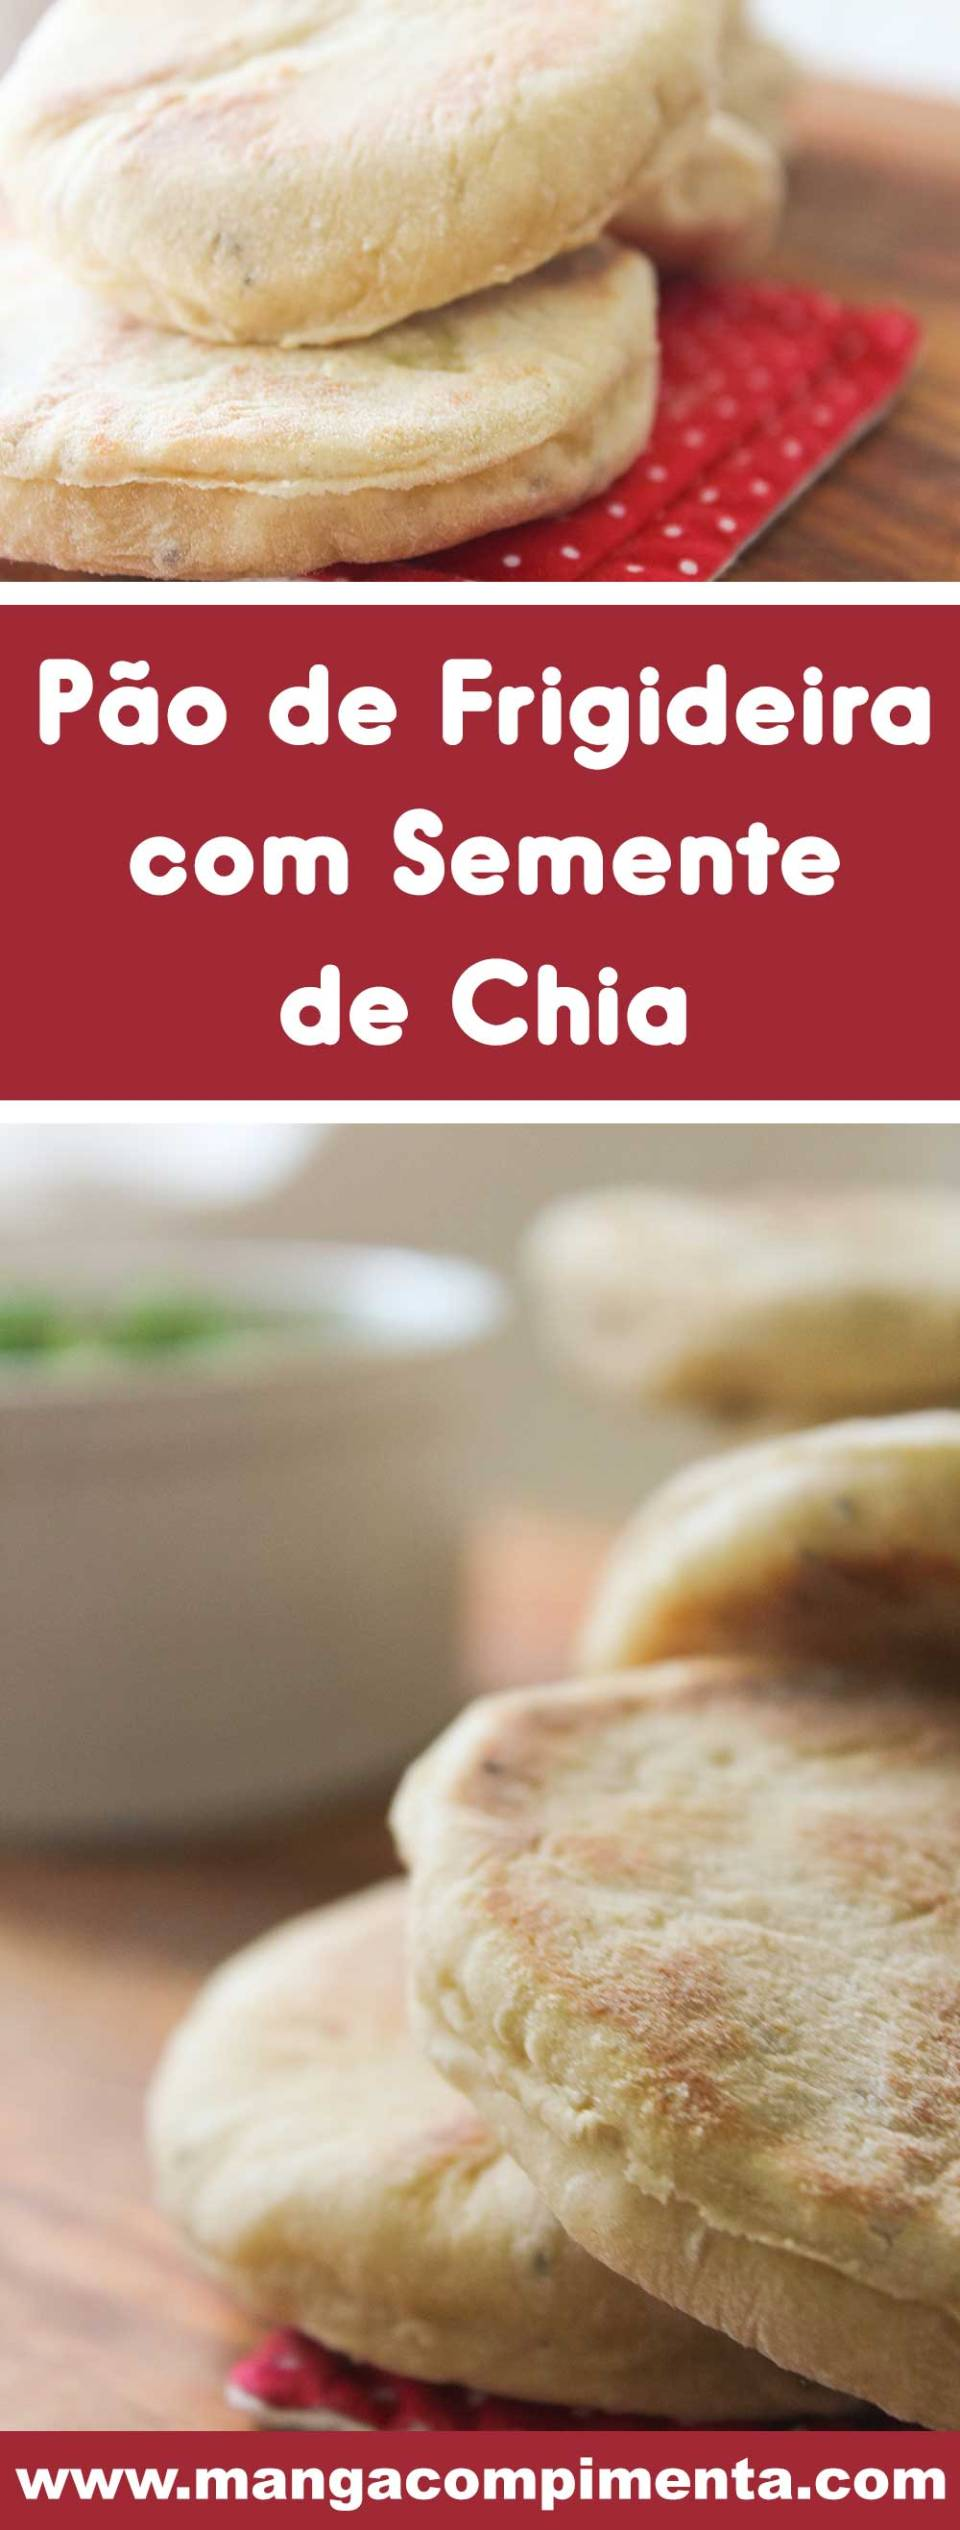 Receita de Pão de Frigideira com Semente de Chia - um lanche caseiro, gostoso e nutritivo para toda a família.